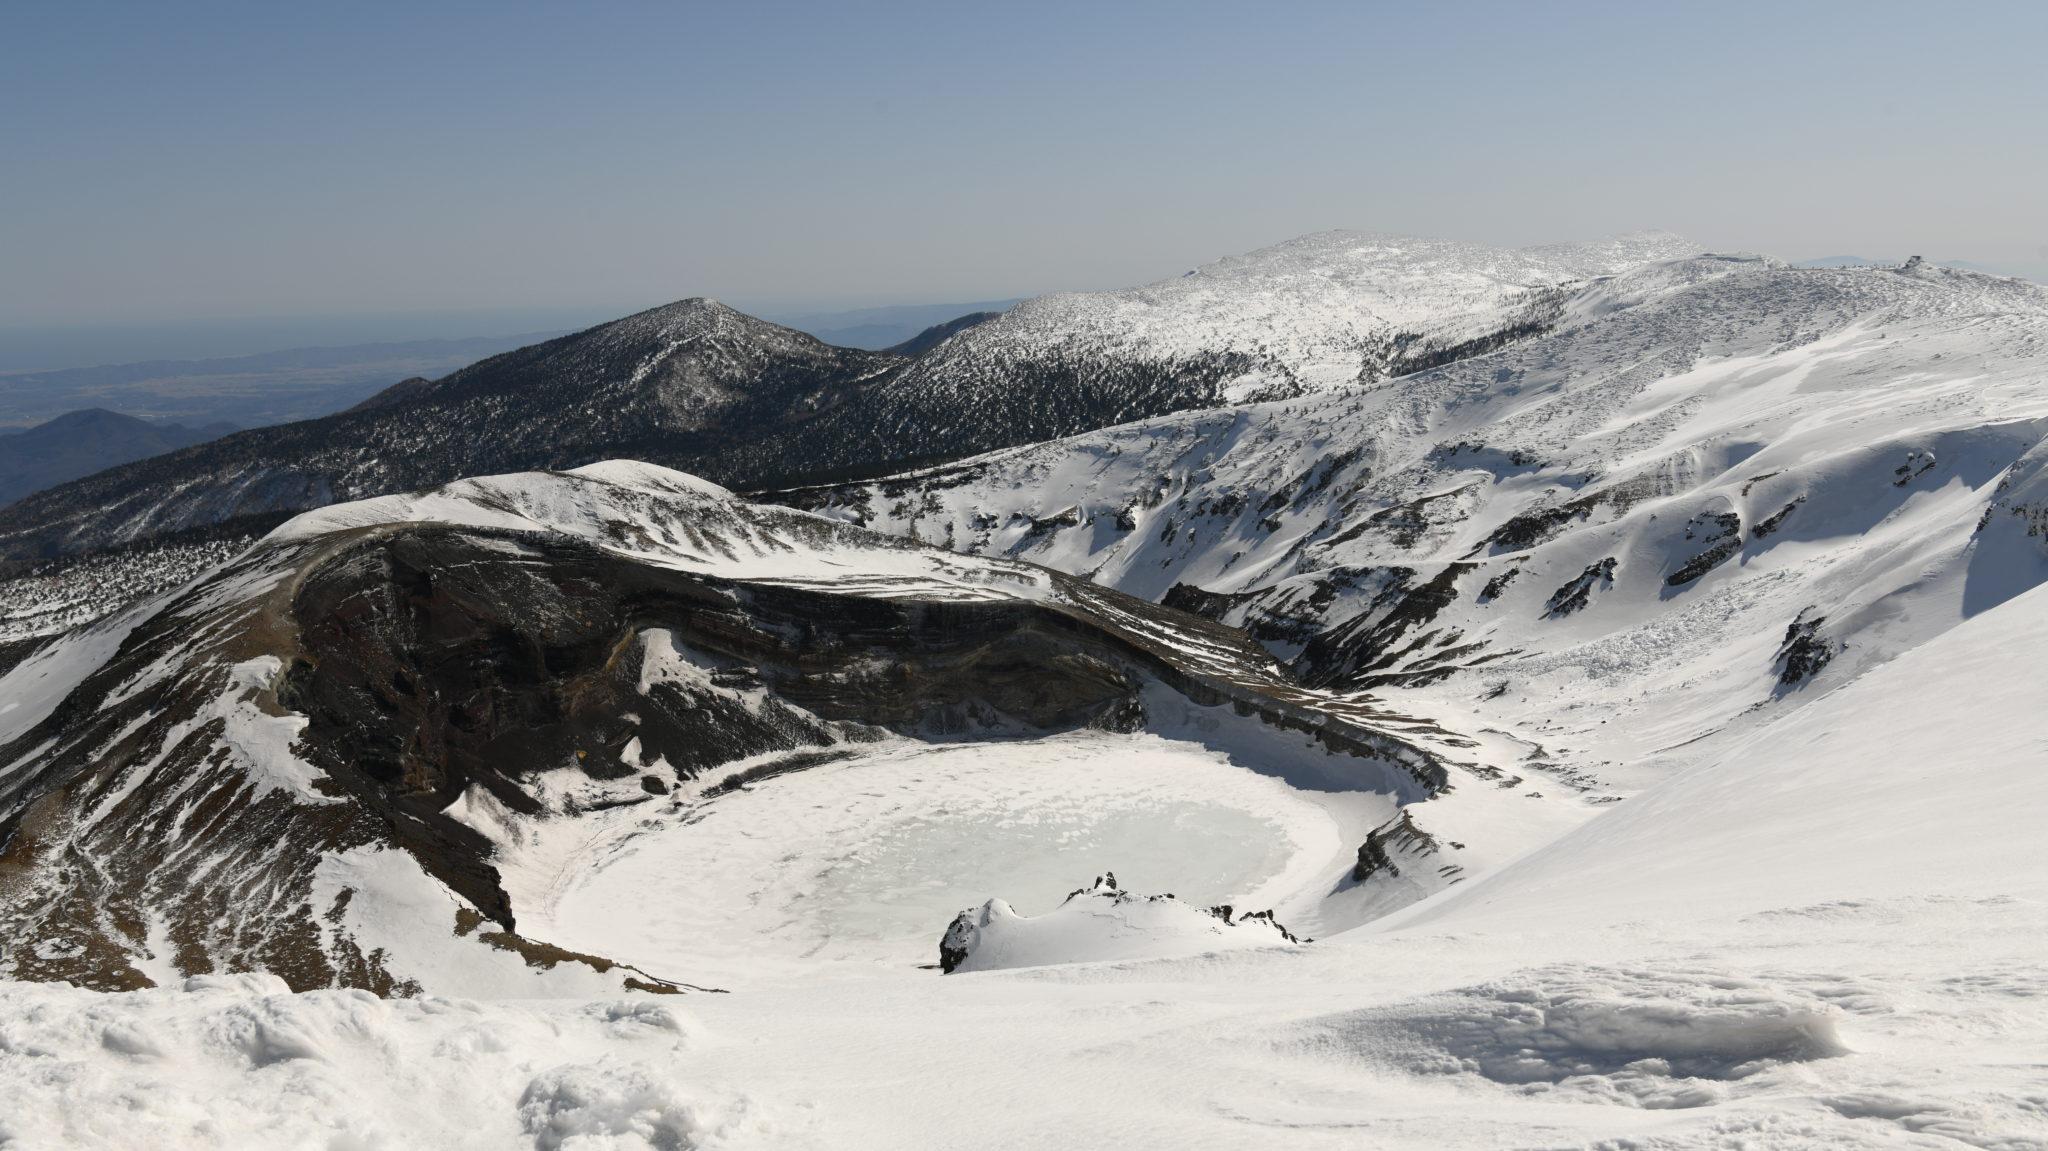 【予約はこちら】蔵王連峰の主峰・熊野岳 & 冬のお釜へ☆山岳インストラクターがご案内♪ スノートレッキング